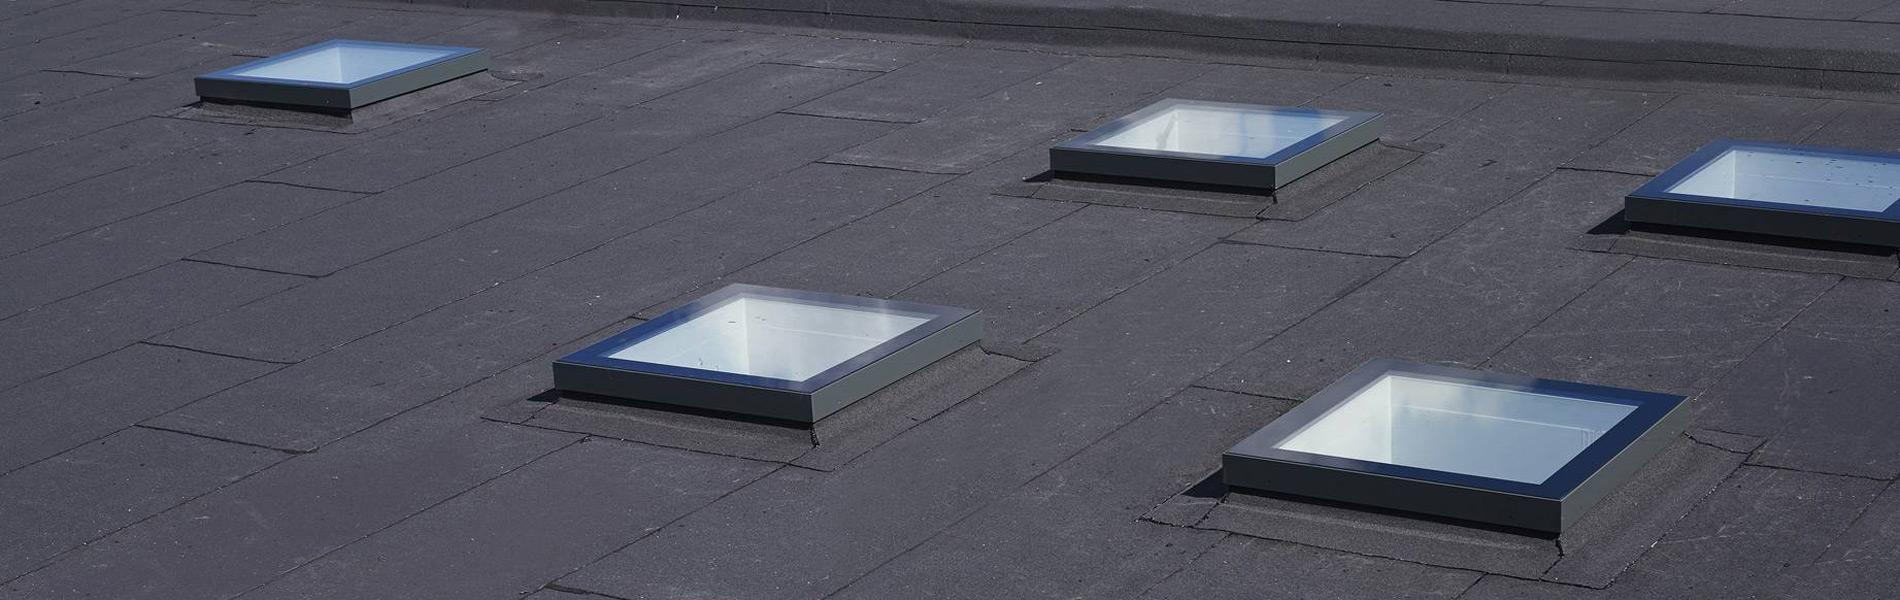 SkyVision Fixed - festverglastes Oberlicht für Flachdächer